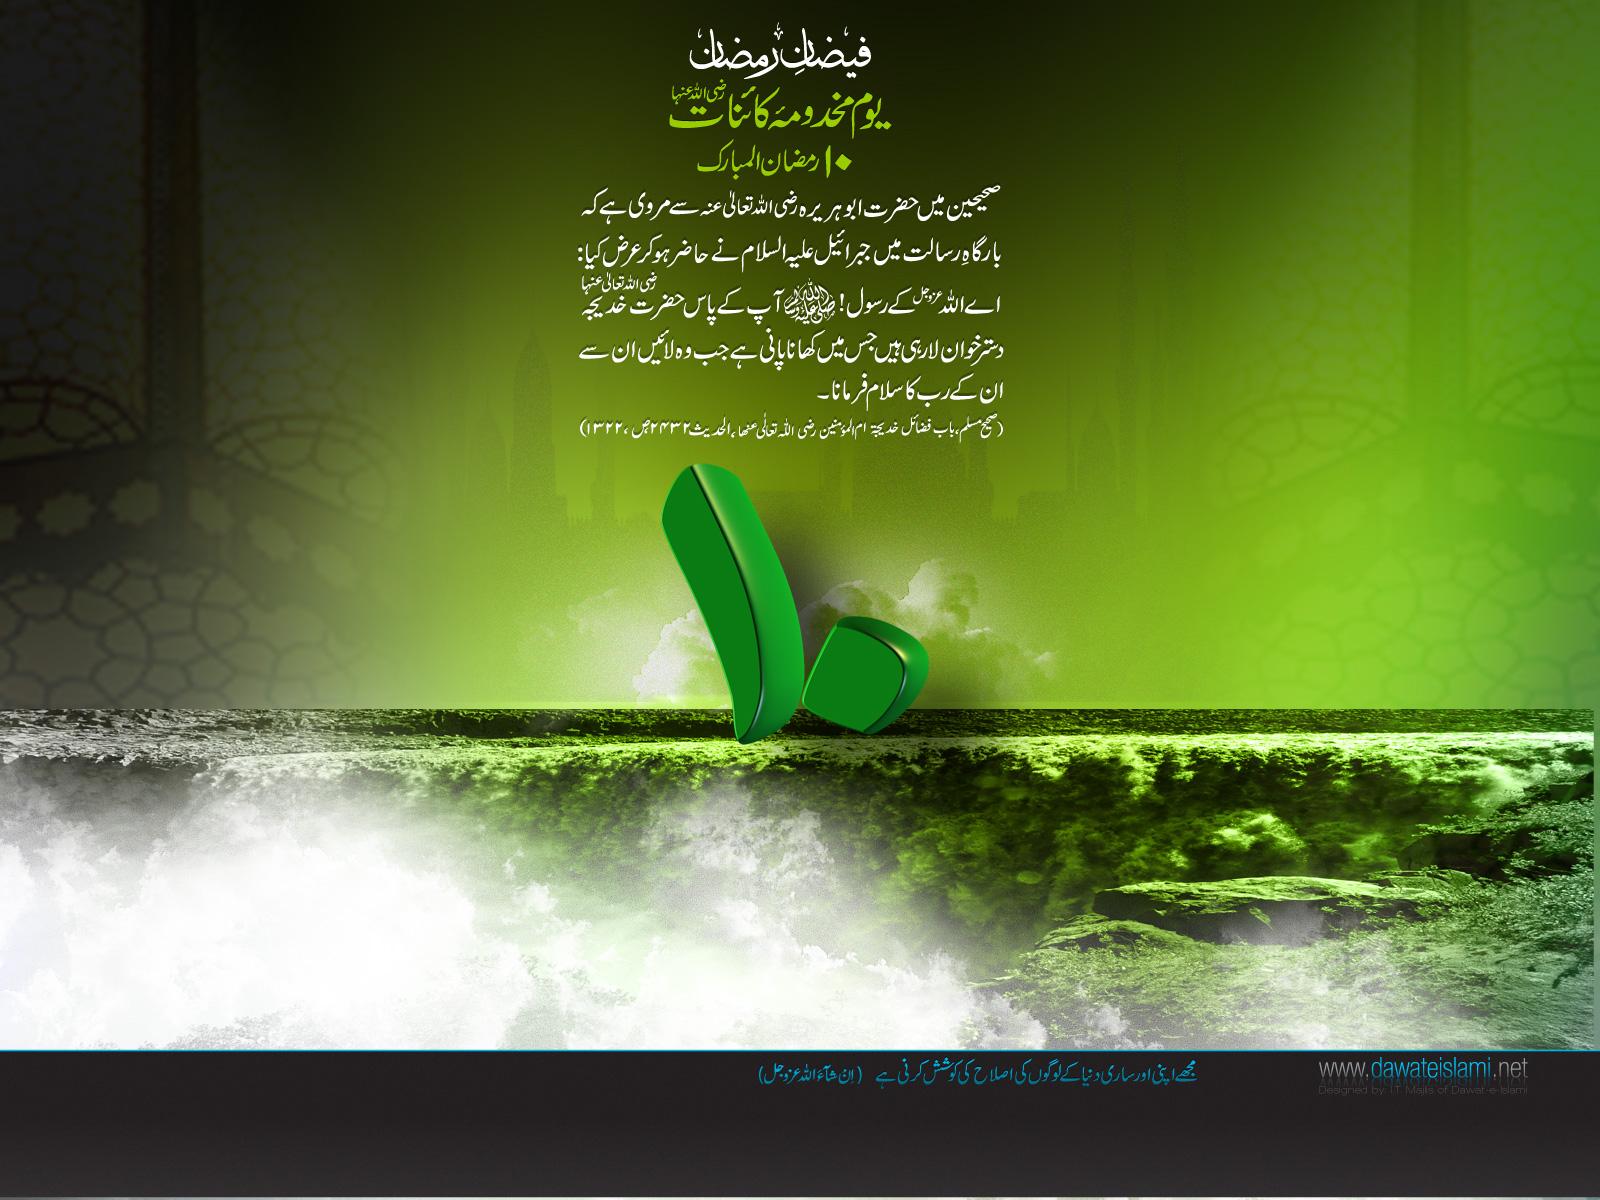 http://1.bp.blogspot.com/-hJeDONumkN0/T_ykgHZmdBI/AAAAAAAAATg/YjBpoYnzo4c/s1600/ramadan+kareem_wallpapers_by_dawateislami_12.jpg